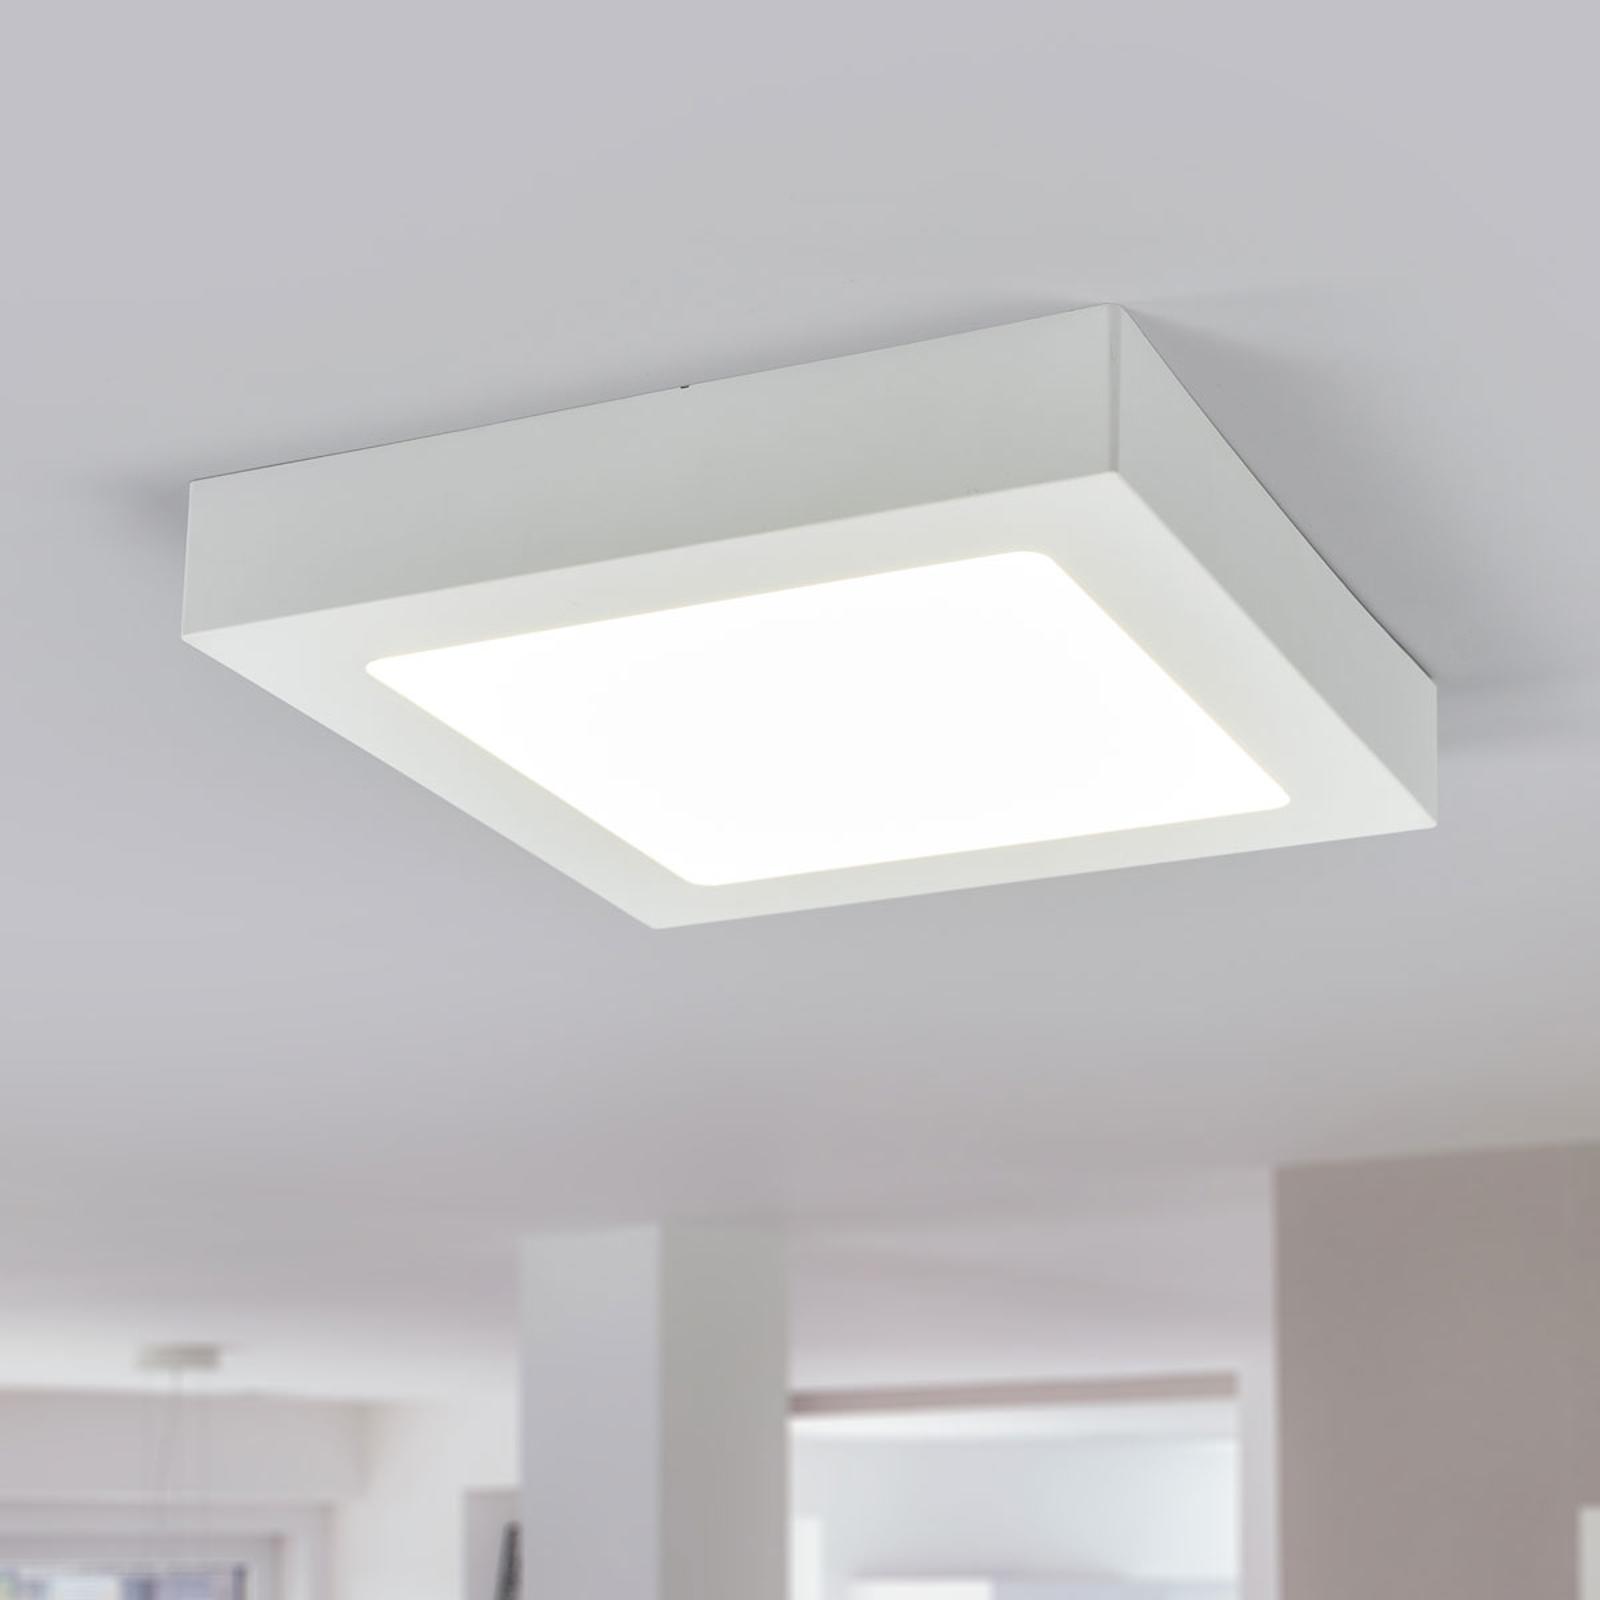 Lampa sufitowa LED Marlo biała 4000K kątowa 23,1cm